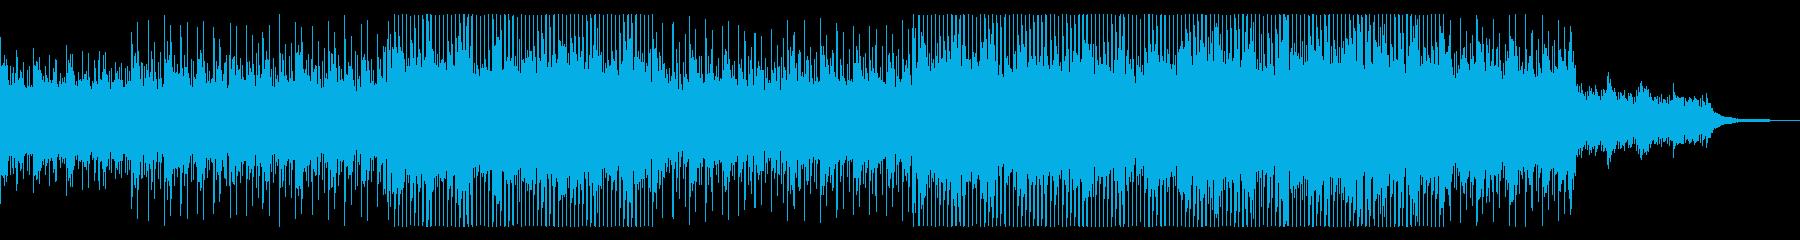 【メロディ抜き】アップテンポで綺麗なコーの再生済みの波形